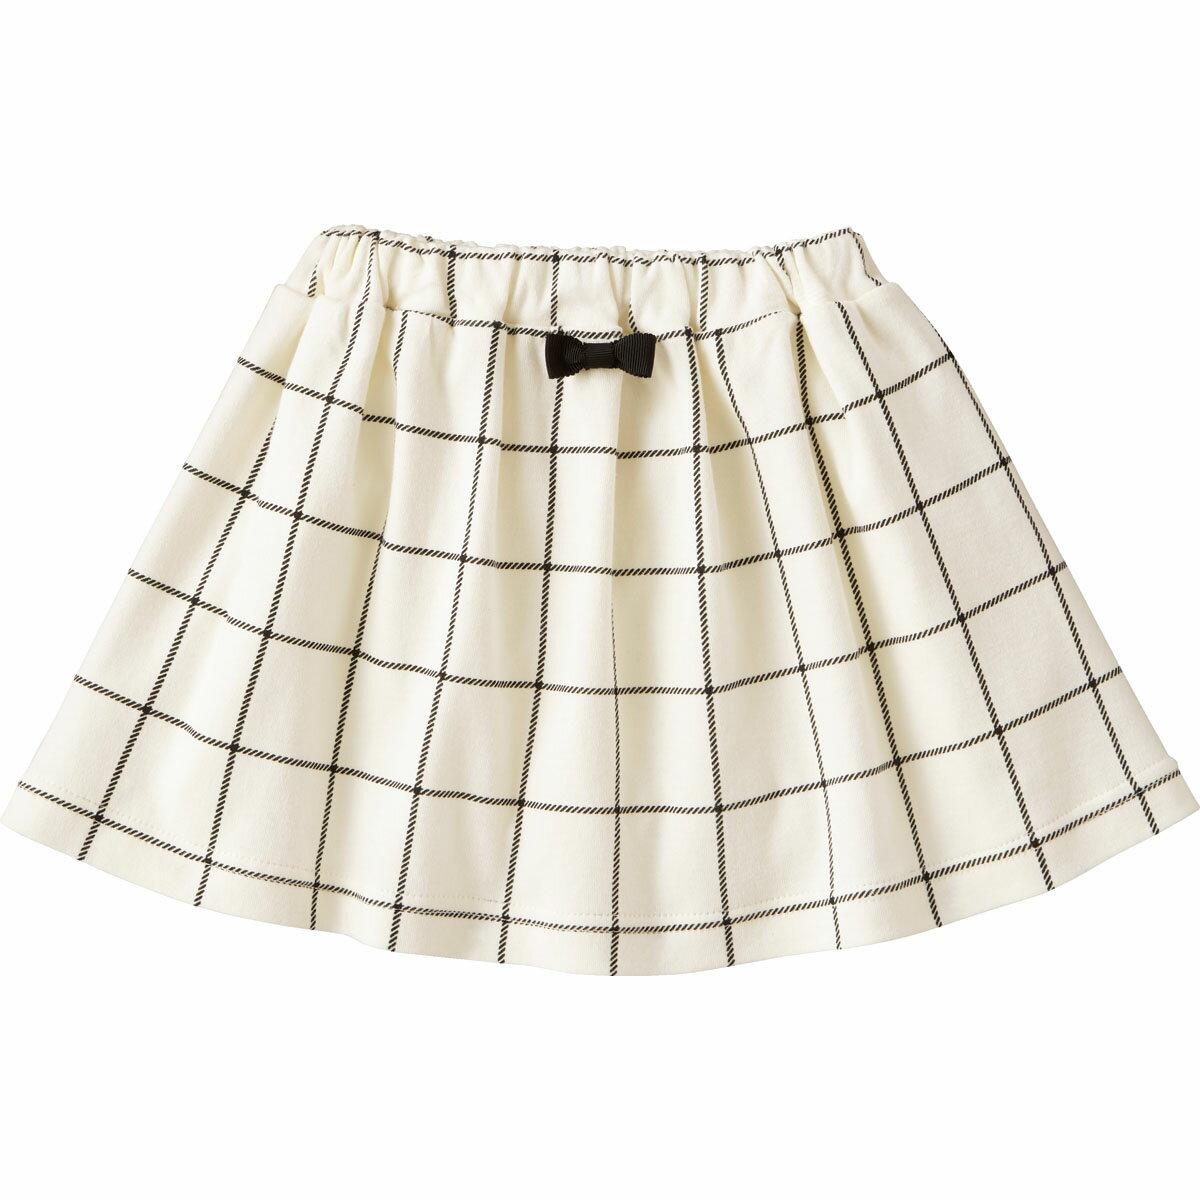 スカート(モノトーン){女の子}《コンビミニ》ギフト ベビー服 子供服 Combi miniスカート(モノトーン)